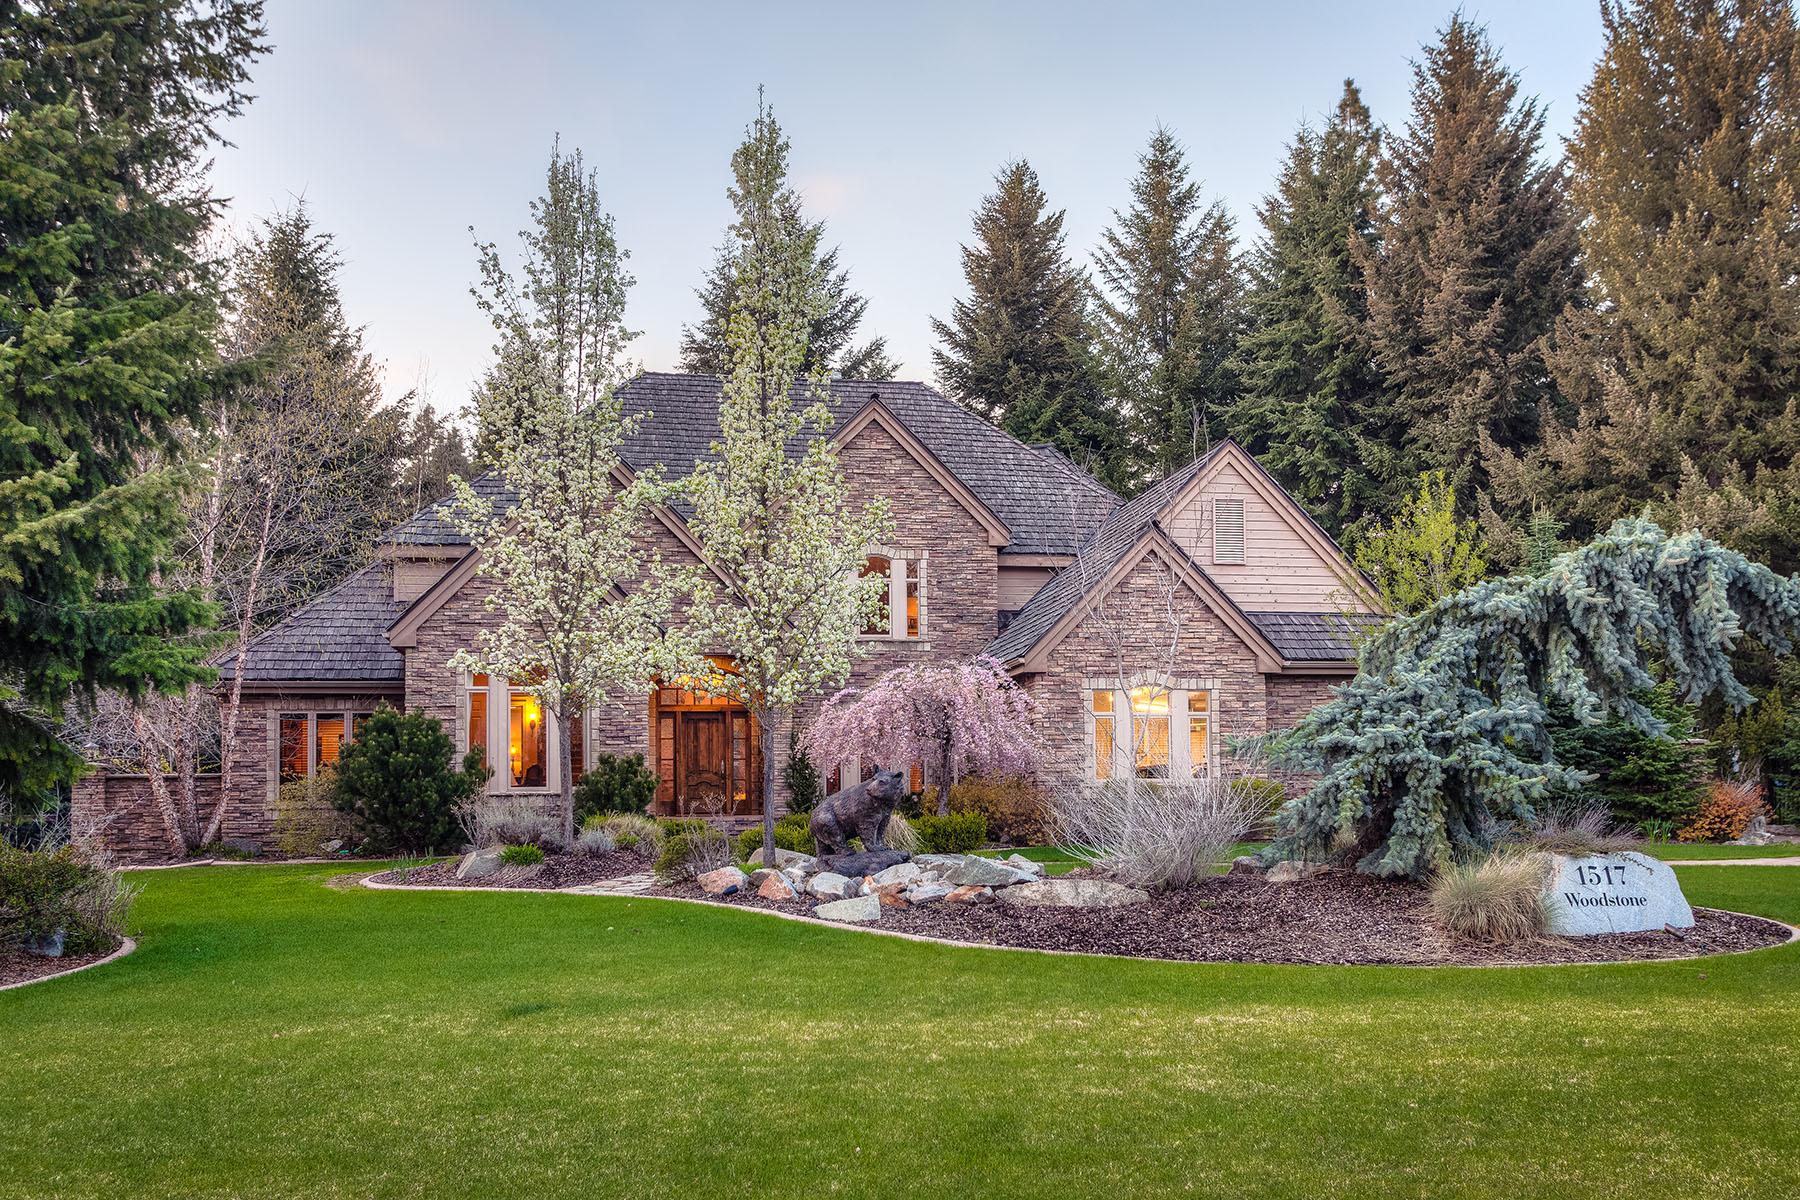 Casa Unifamiliar por un Venta en Two-Story Beauty in Forest Hills 1517 E WOODSTONE DR Hayden, Idaho 83835 Estados Unidos